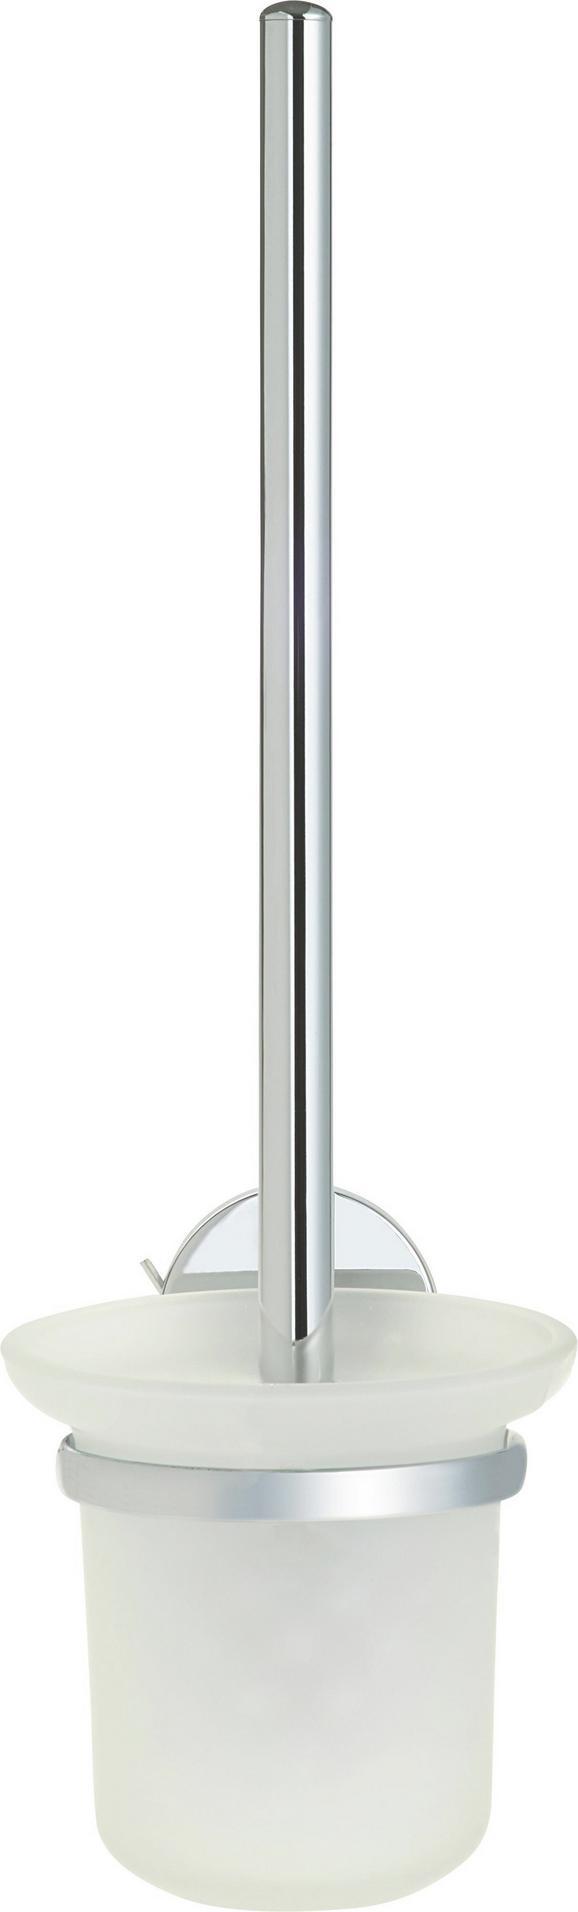 Wc-garnitura S Ščetko Vision - krom, kovina/umetna masa (11/38/15cm)